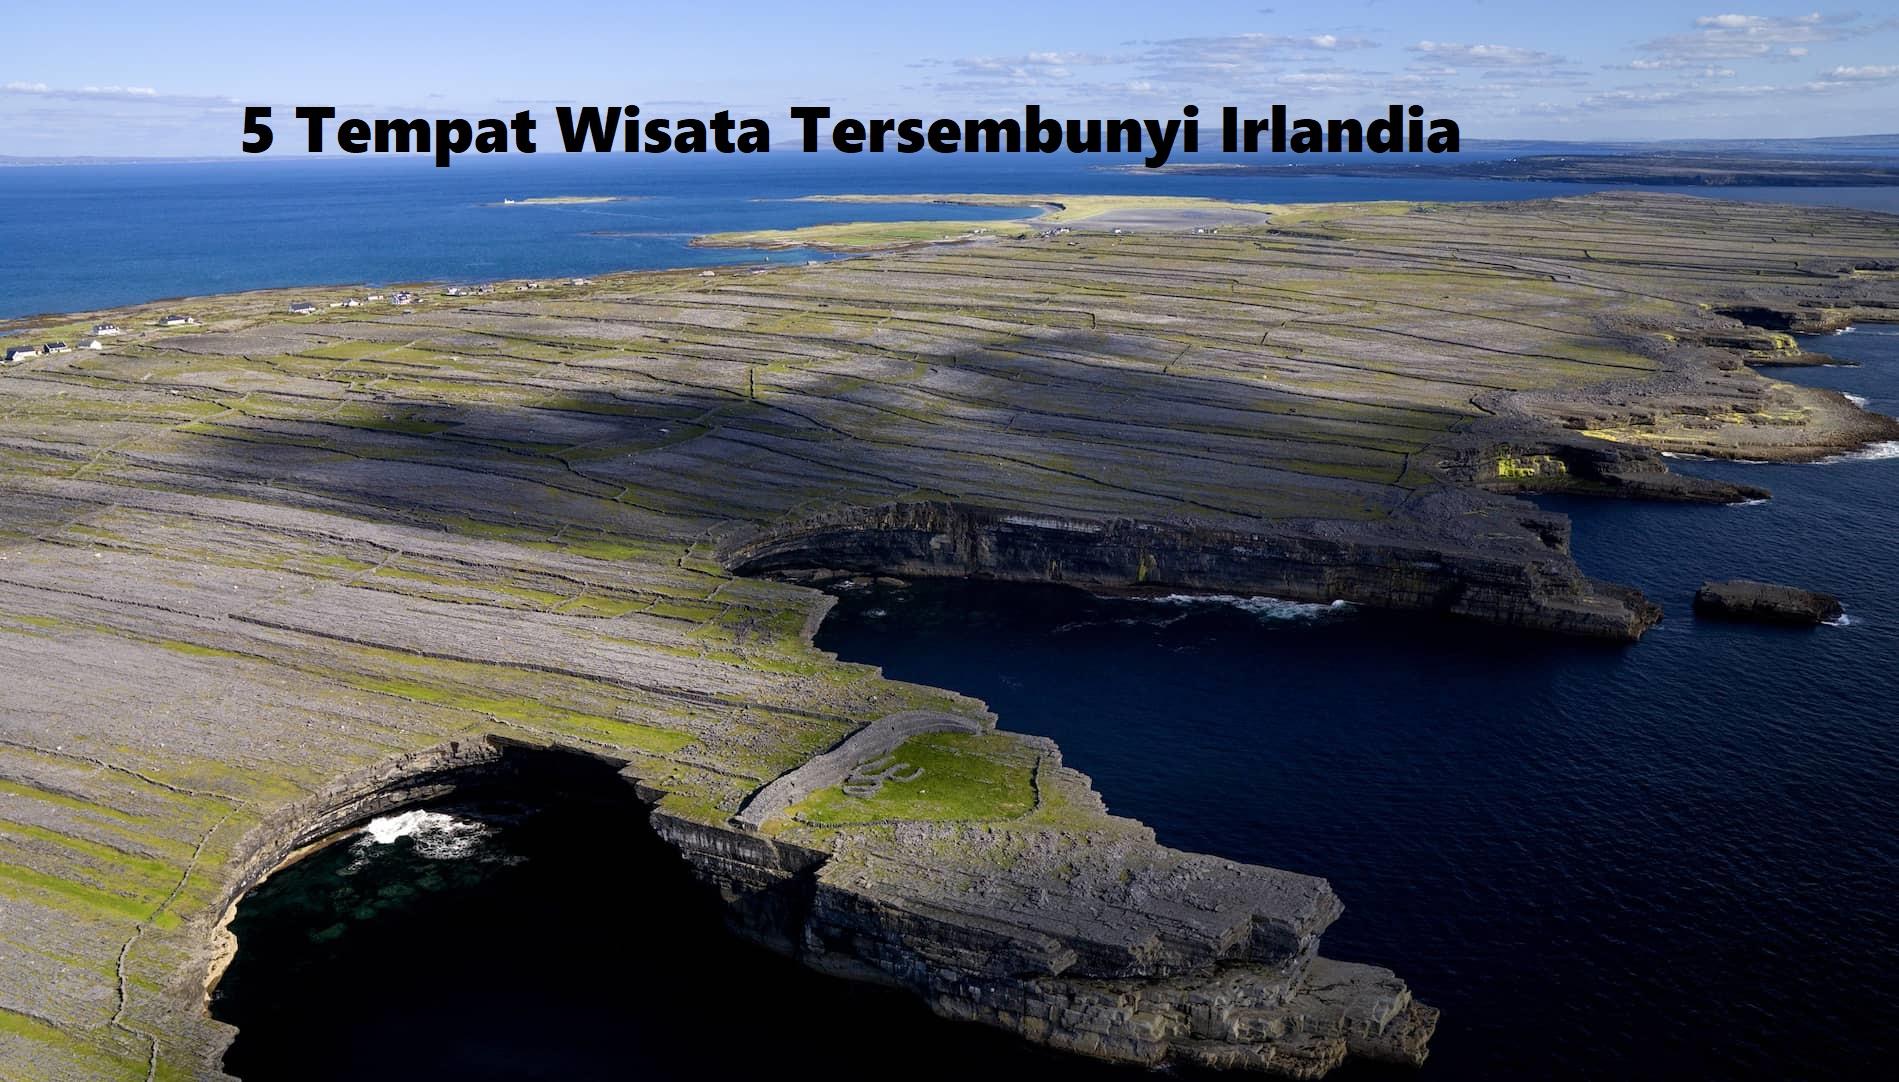 5 Tempat Wisata Tersembunyi Irlandia Yang Harus Kalian Kunjungi !